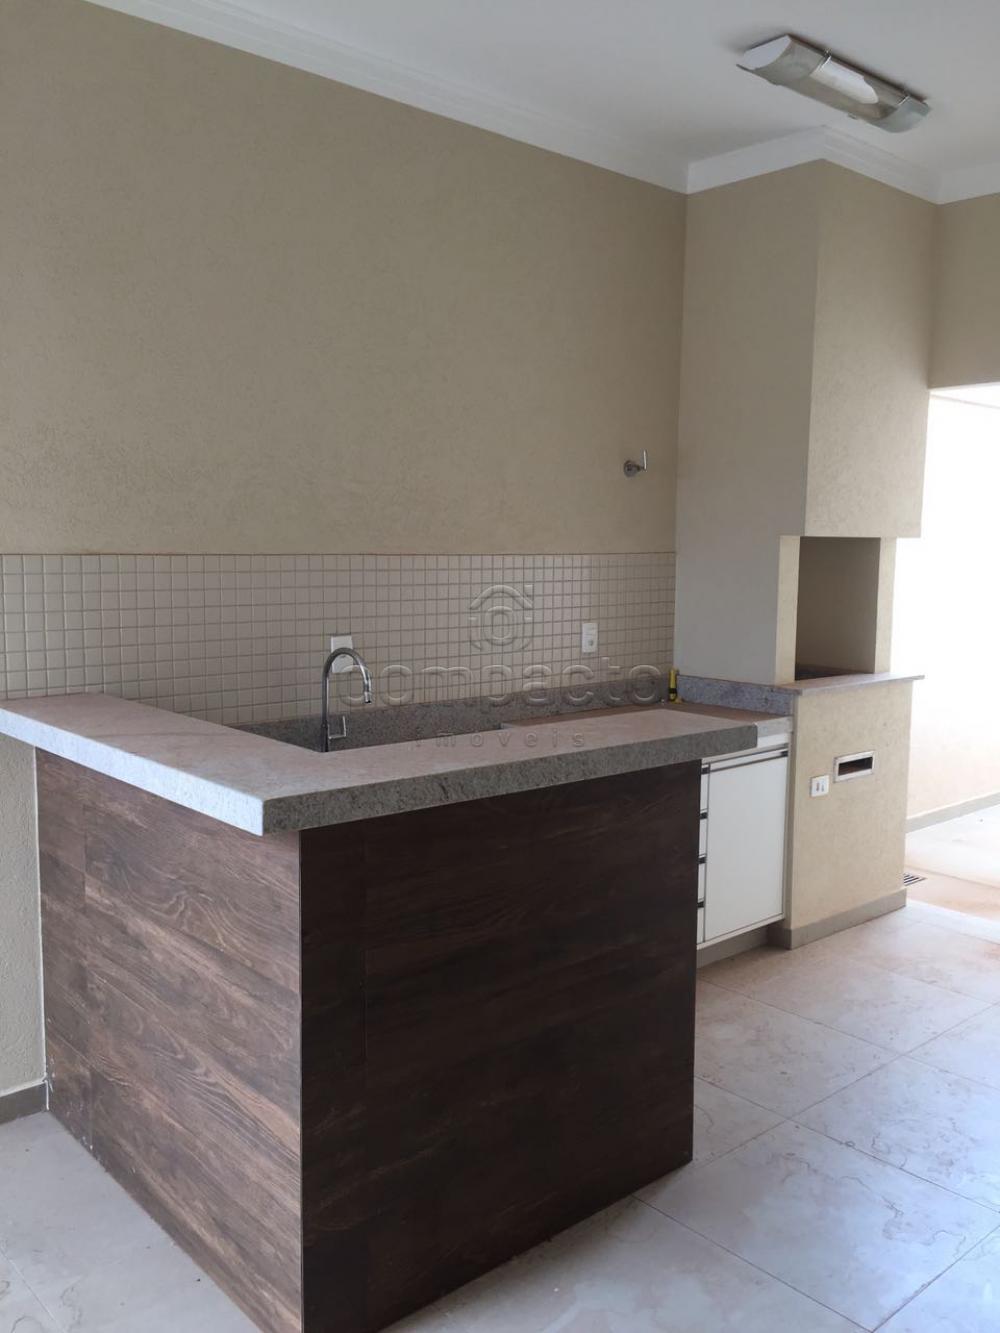 Comprar Casa / Condomínio em Mirassol apenas R$ 570.000,00 - Foto 11